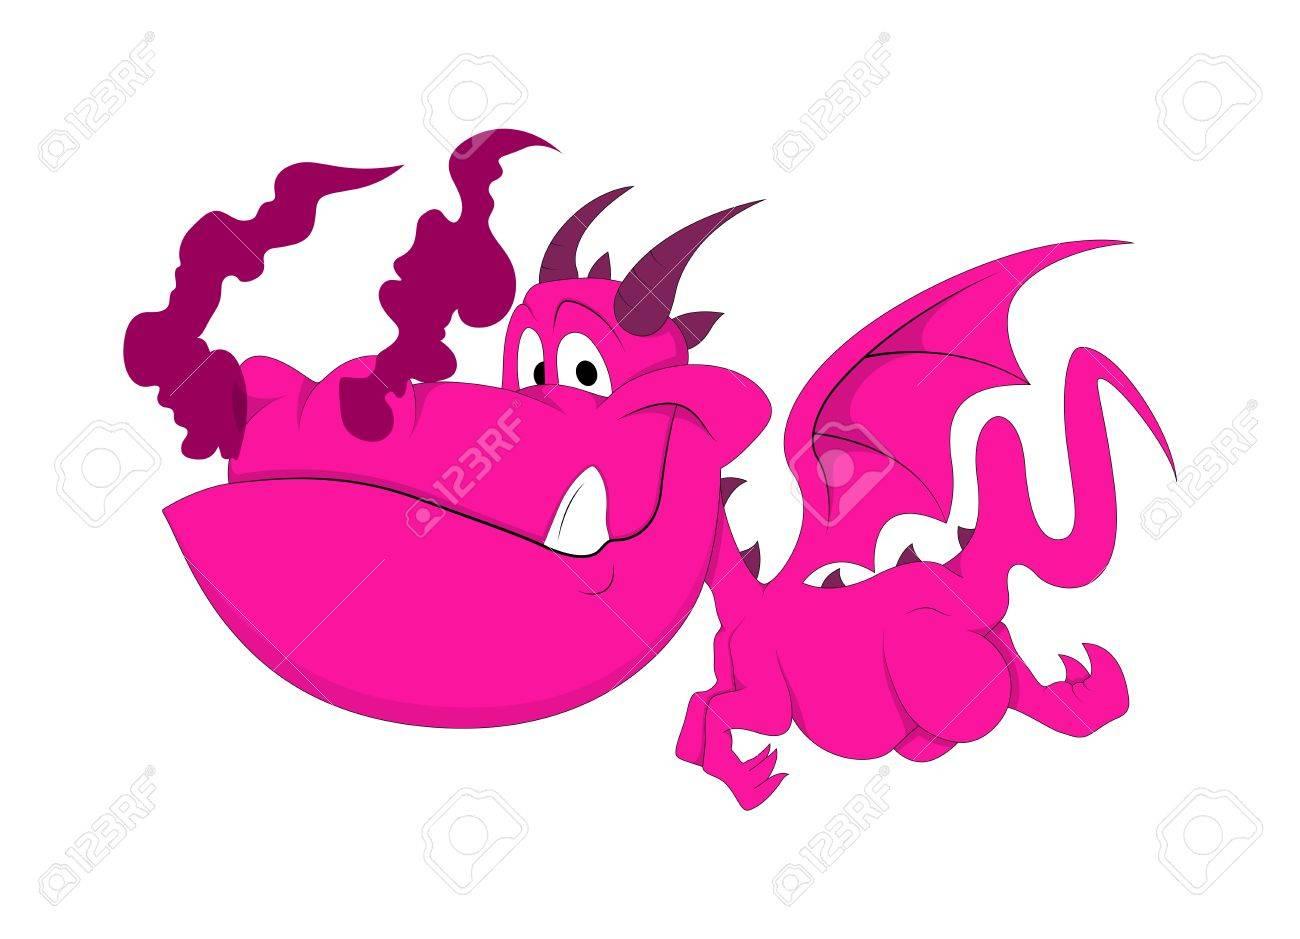 かわいいドラゴン赤ちゃんイラスト ロイヤリティフリークリップアート